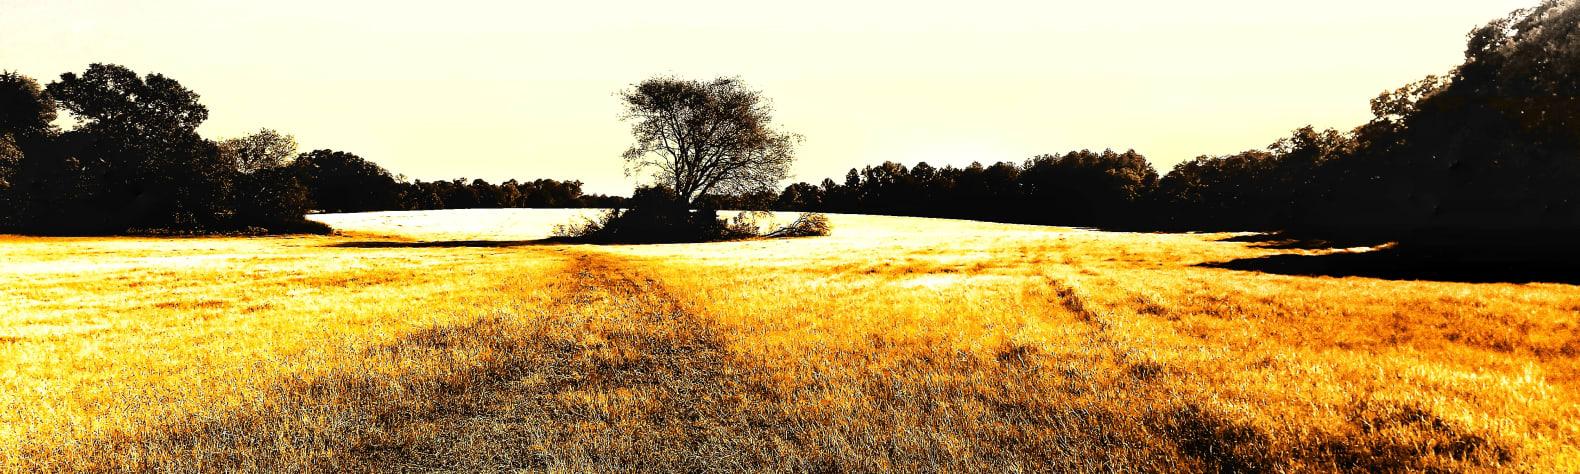 Kelly W.'s Land